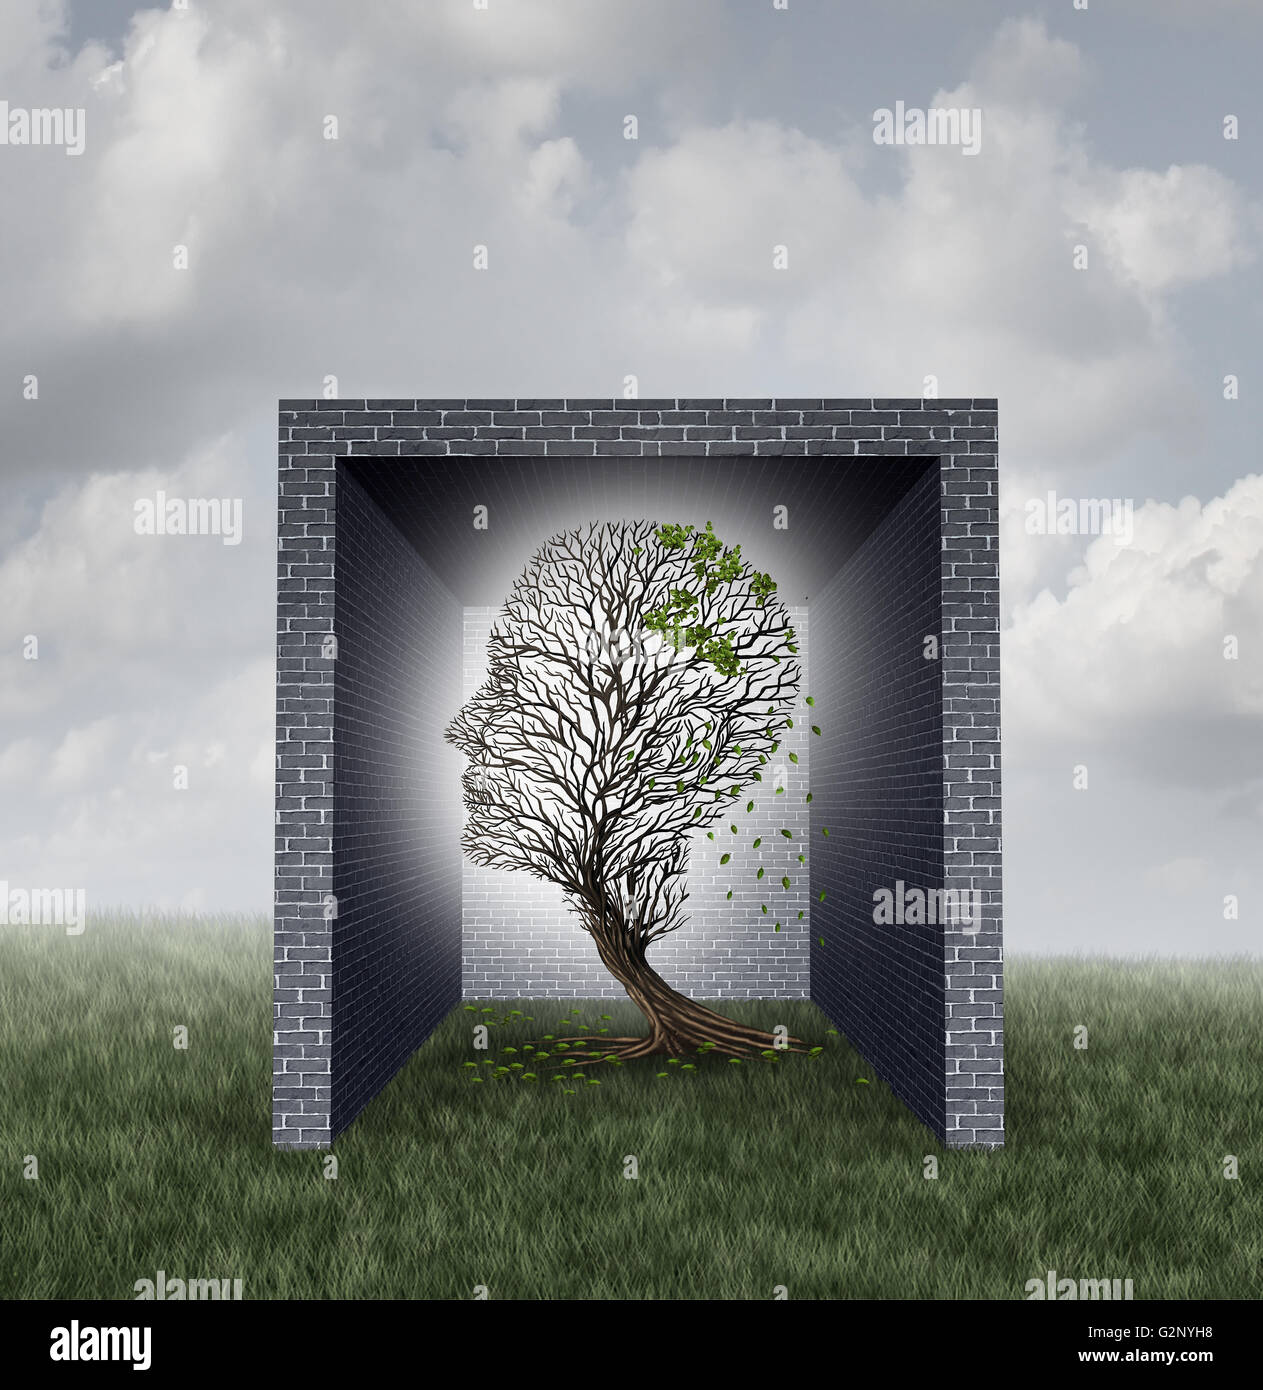 Paredes emocional concepto psicológico como un árbol con forma de cabeza humana perder hojas dentro de una caja Foto de stock